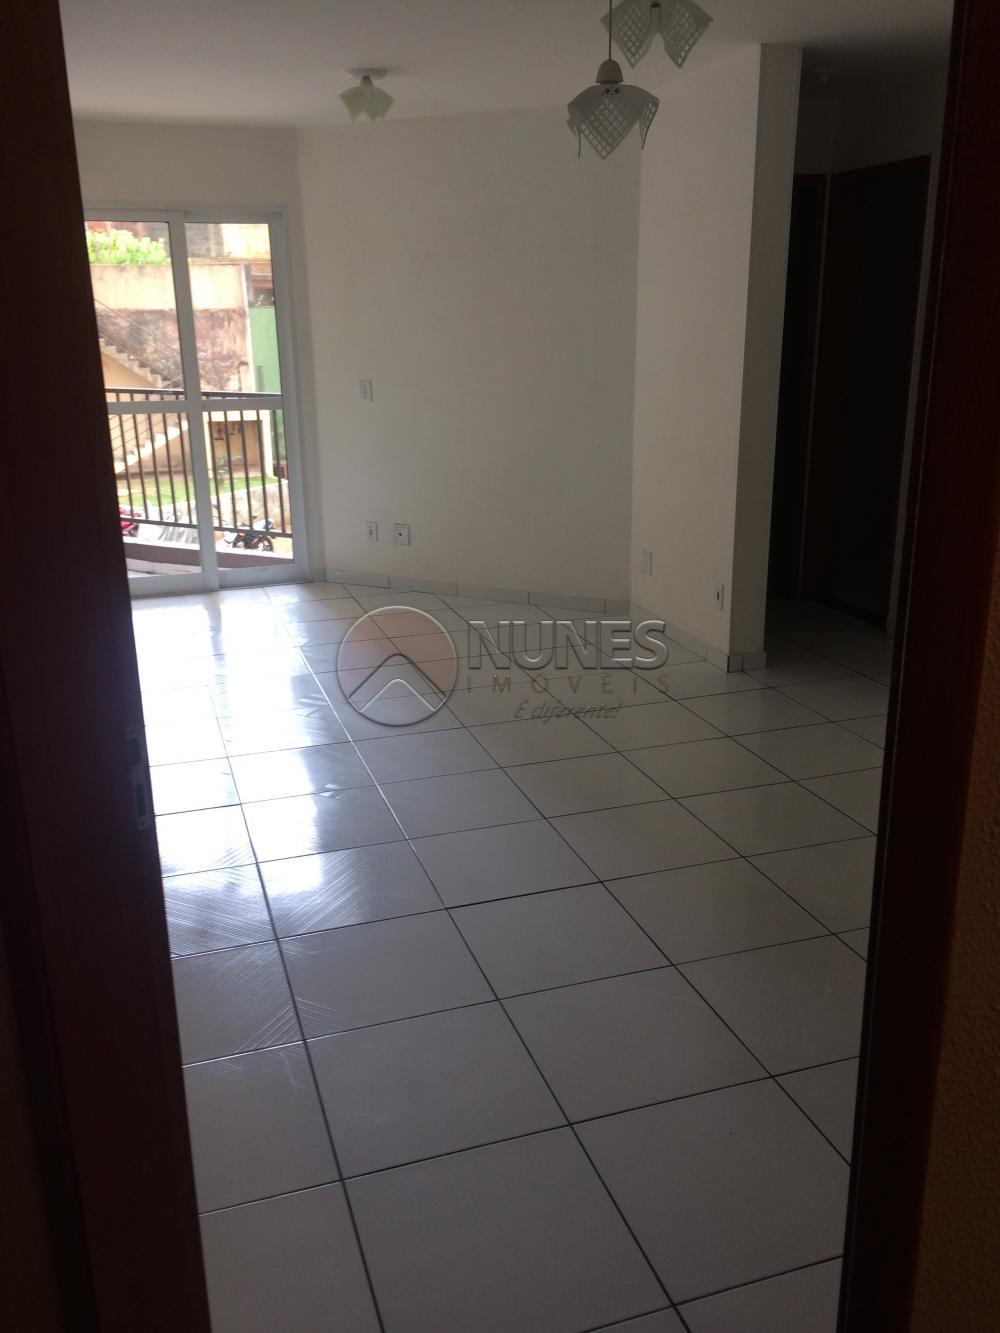 Comprar Apartamento / Padrão em Osasco apenas R$ 120.000,00 - Foto 10